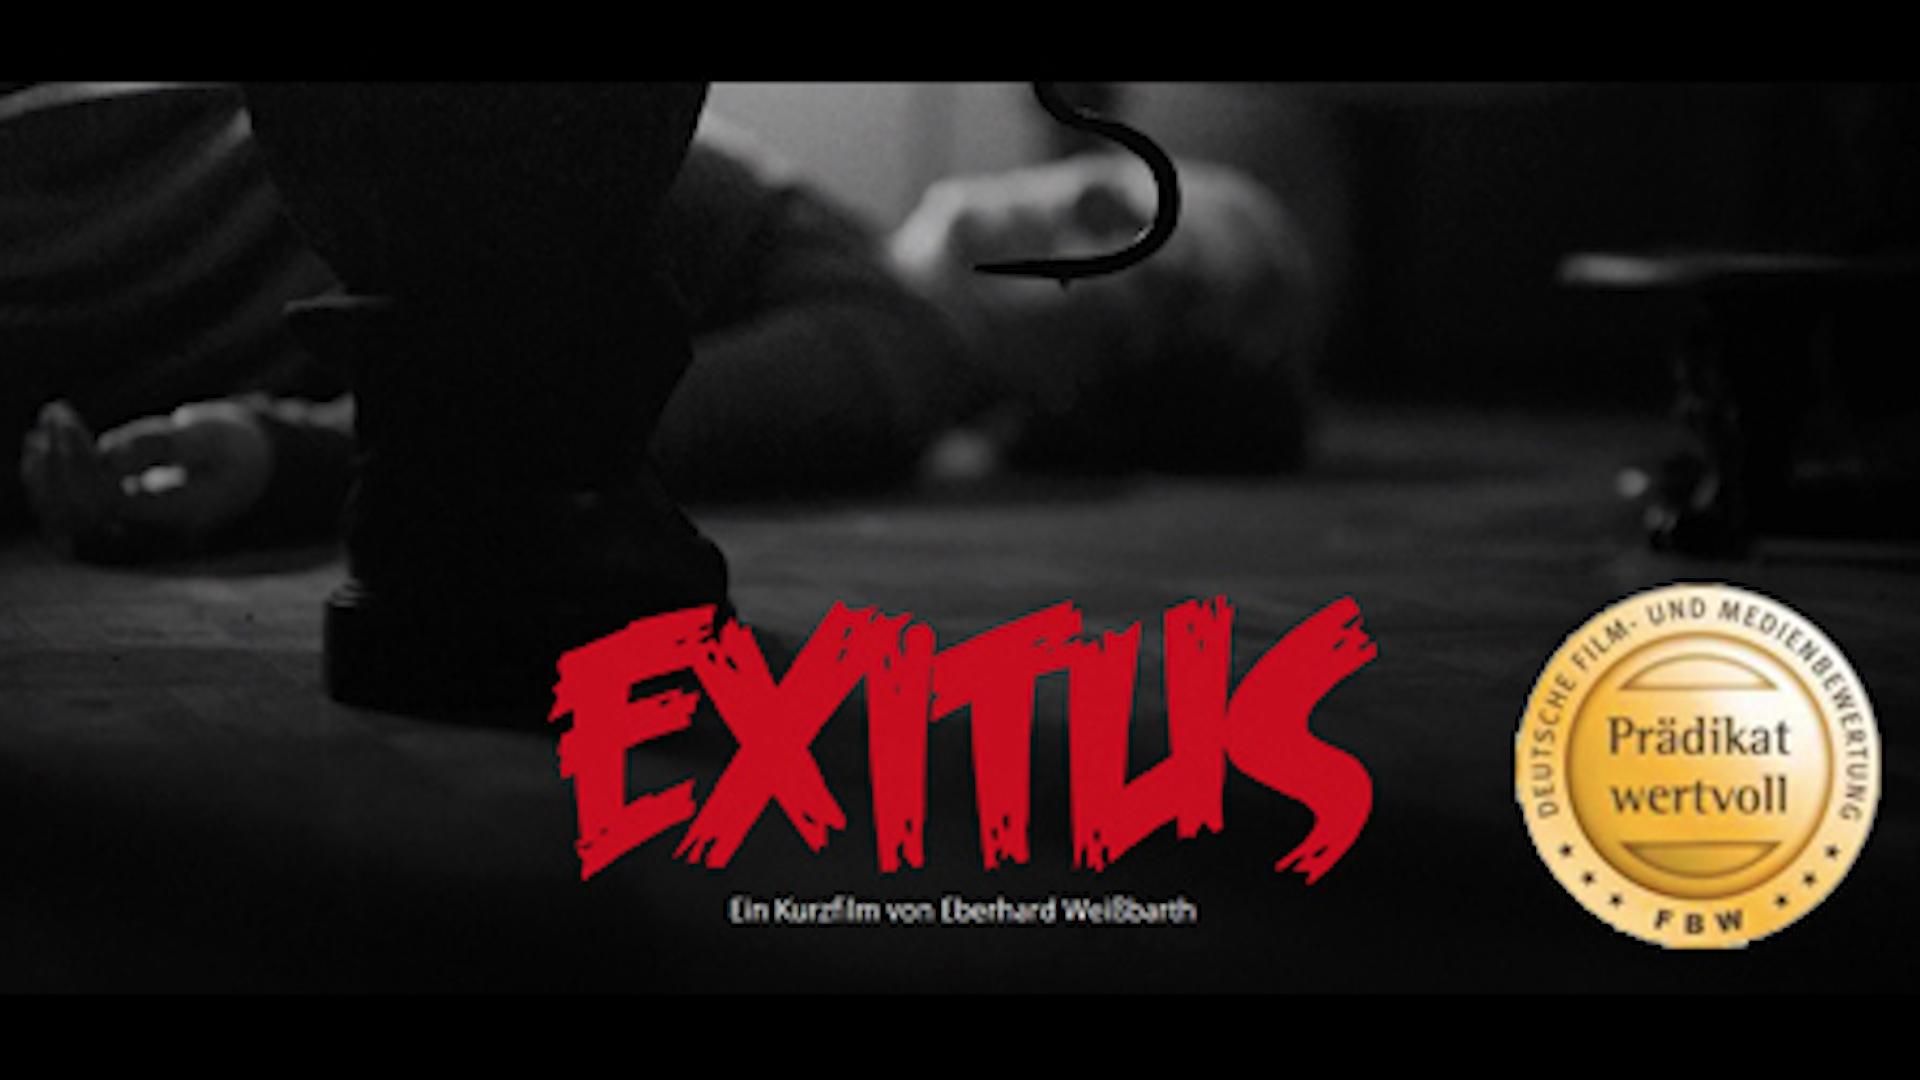 Exitus-bild